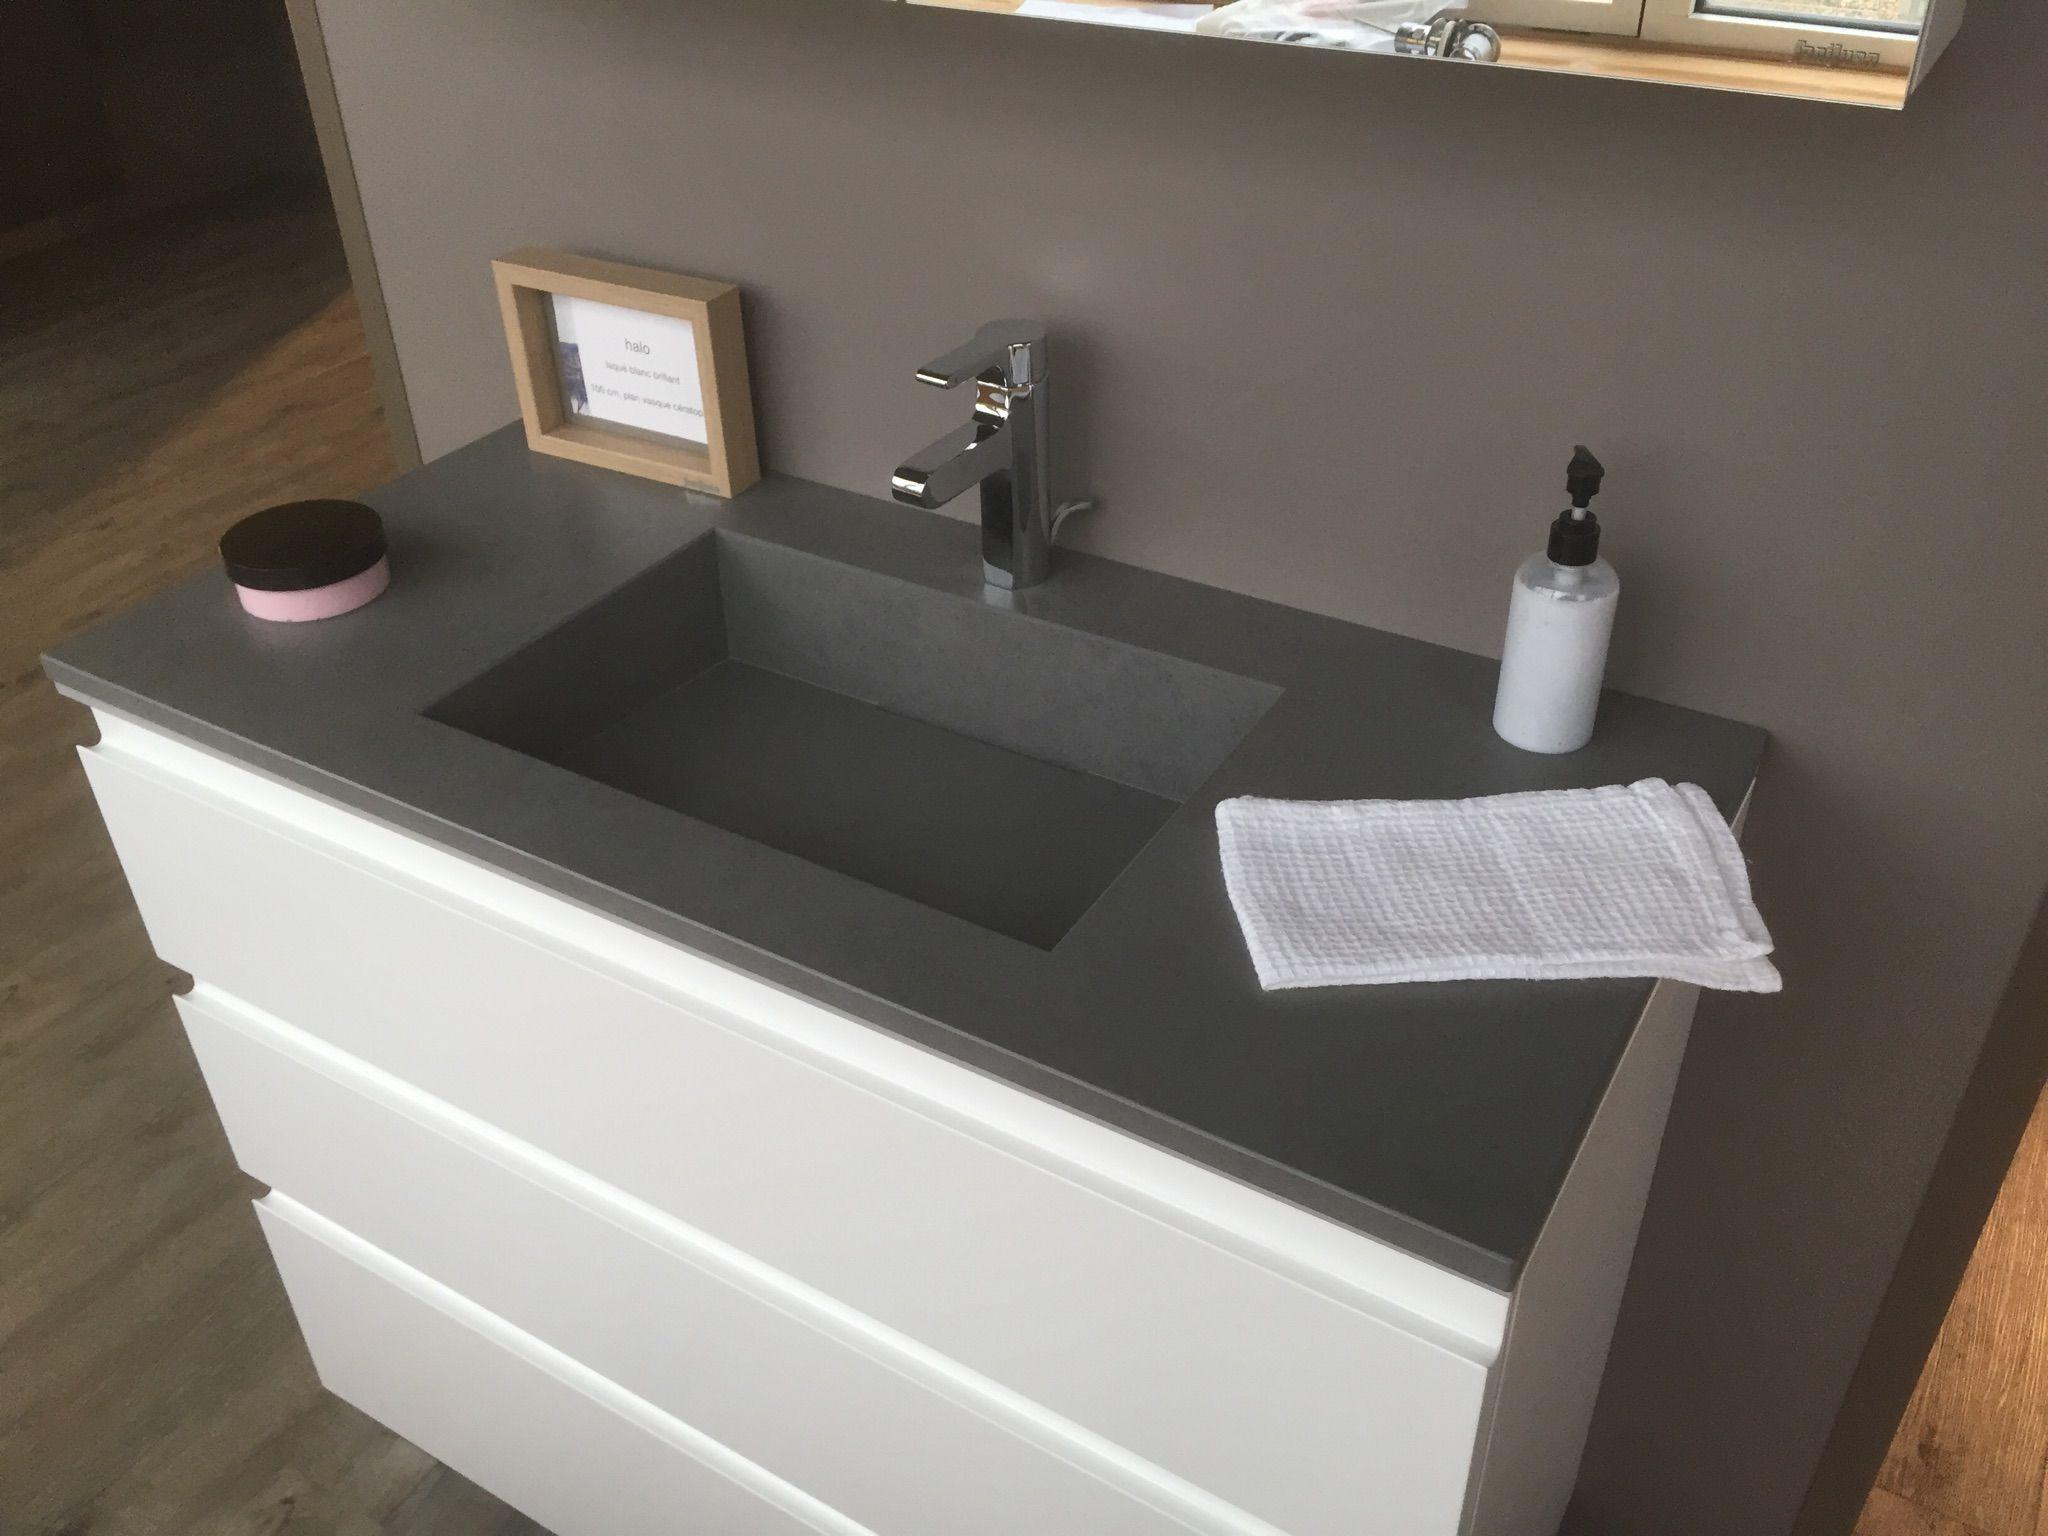 lavabo in laminam blend grigio su mobile di sanijura lavabi